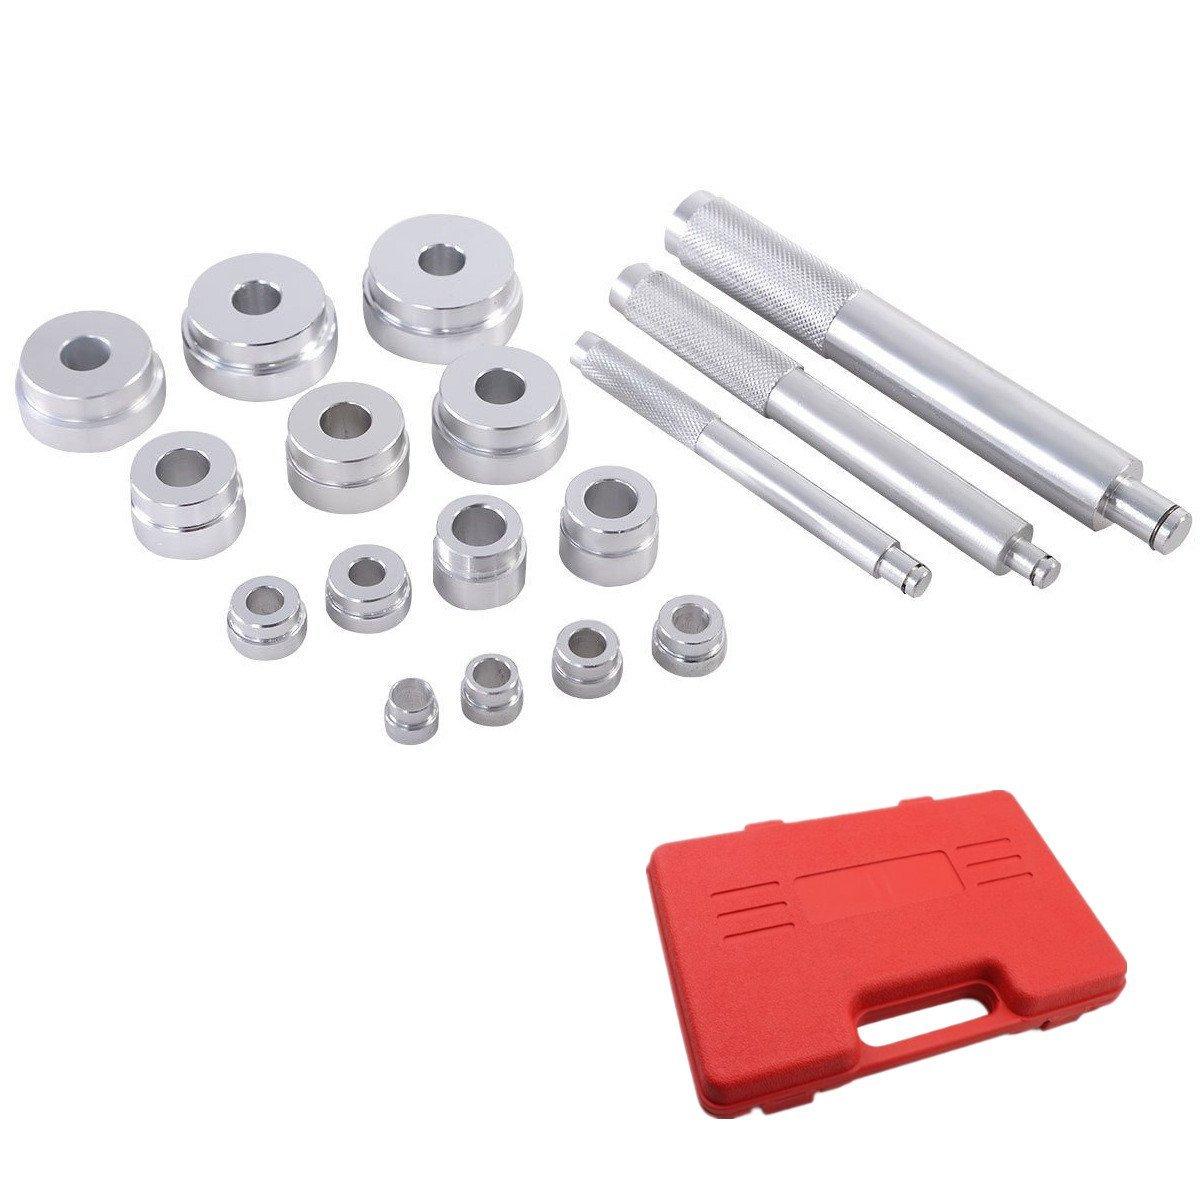 Kit doutils de roulement de roues Outil extracteur roulement de roue extracteur Montage pour lextraction de roulements /à bille LARS360 17tlg